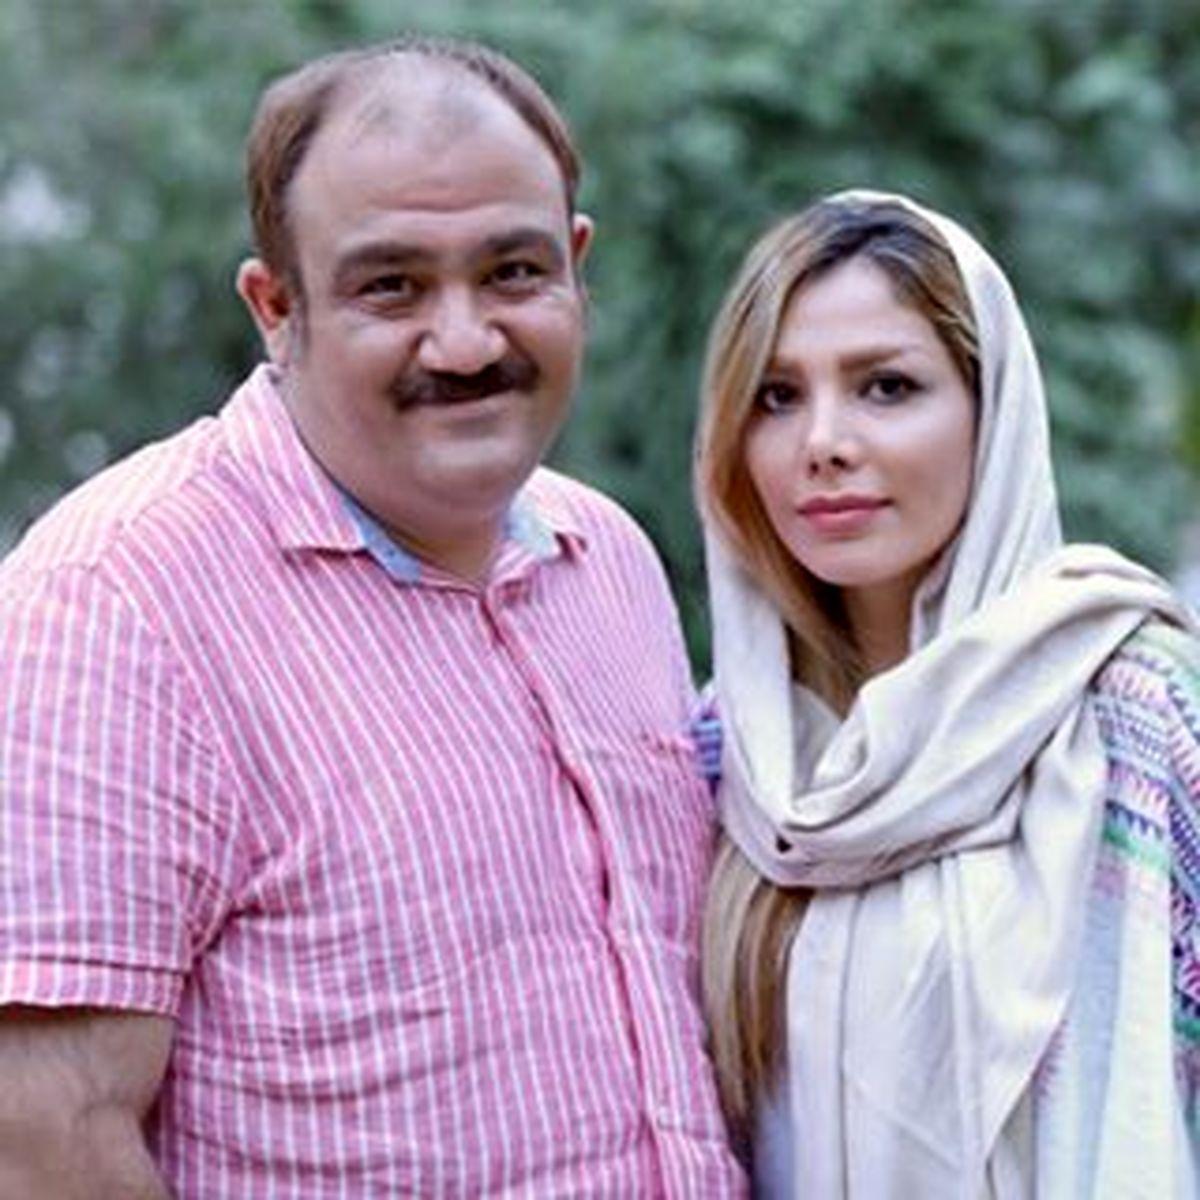 عکسهای عاشقانه مهران غفوریان و همسرش در تولد لاکچری هانا+ عکس و بیوگرافی